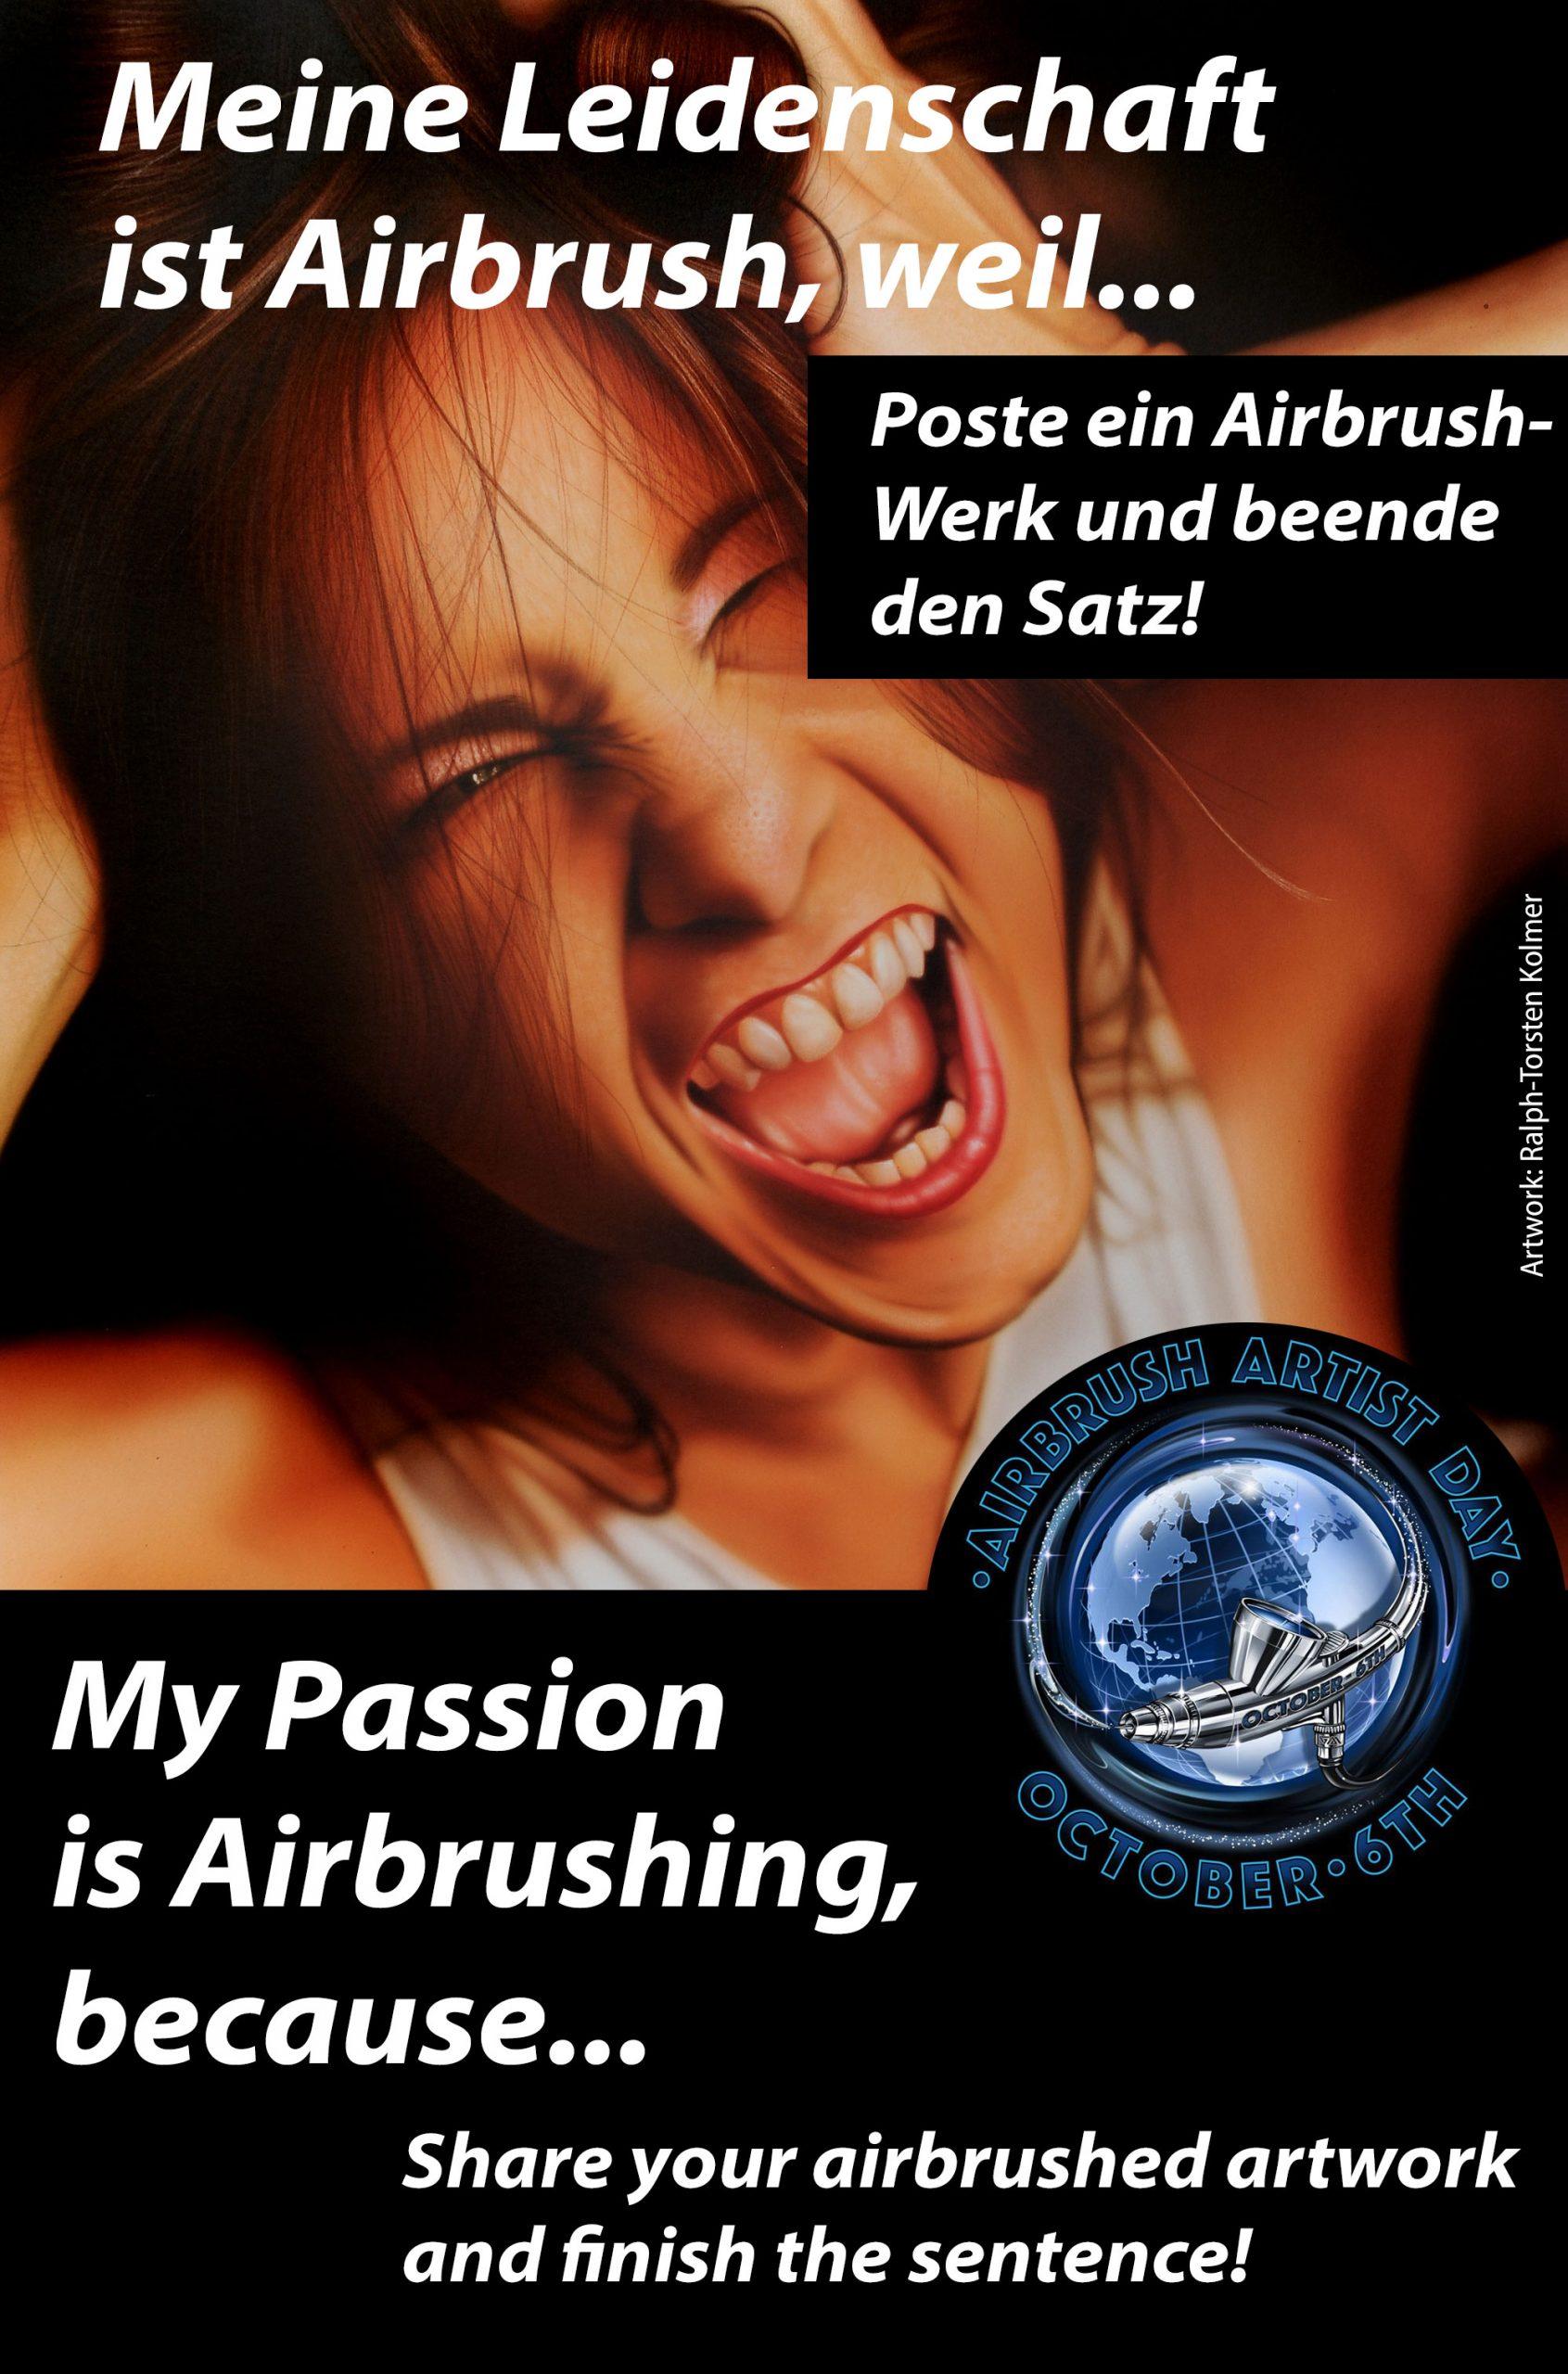 Meine Leidenschaft ist Airbrush